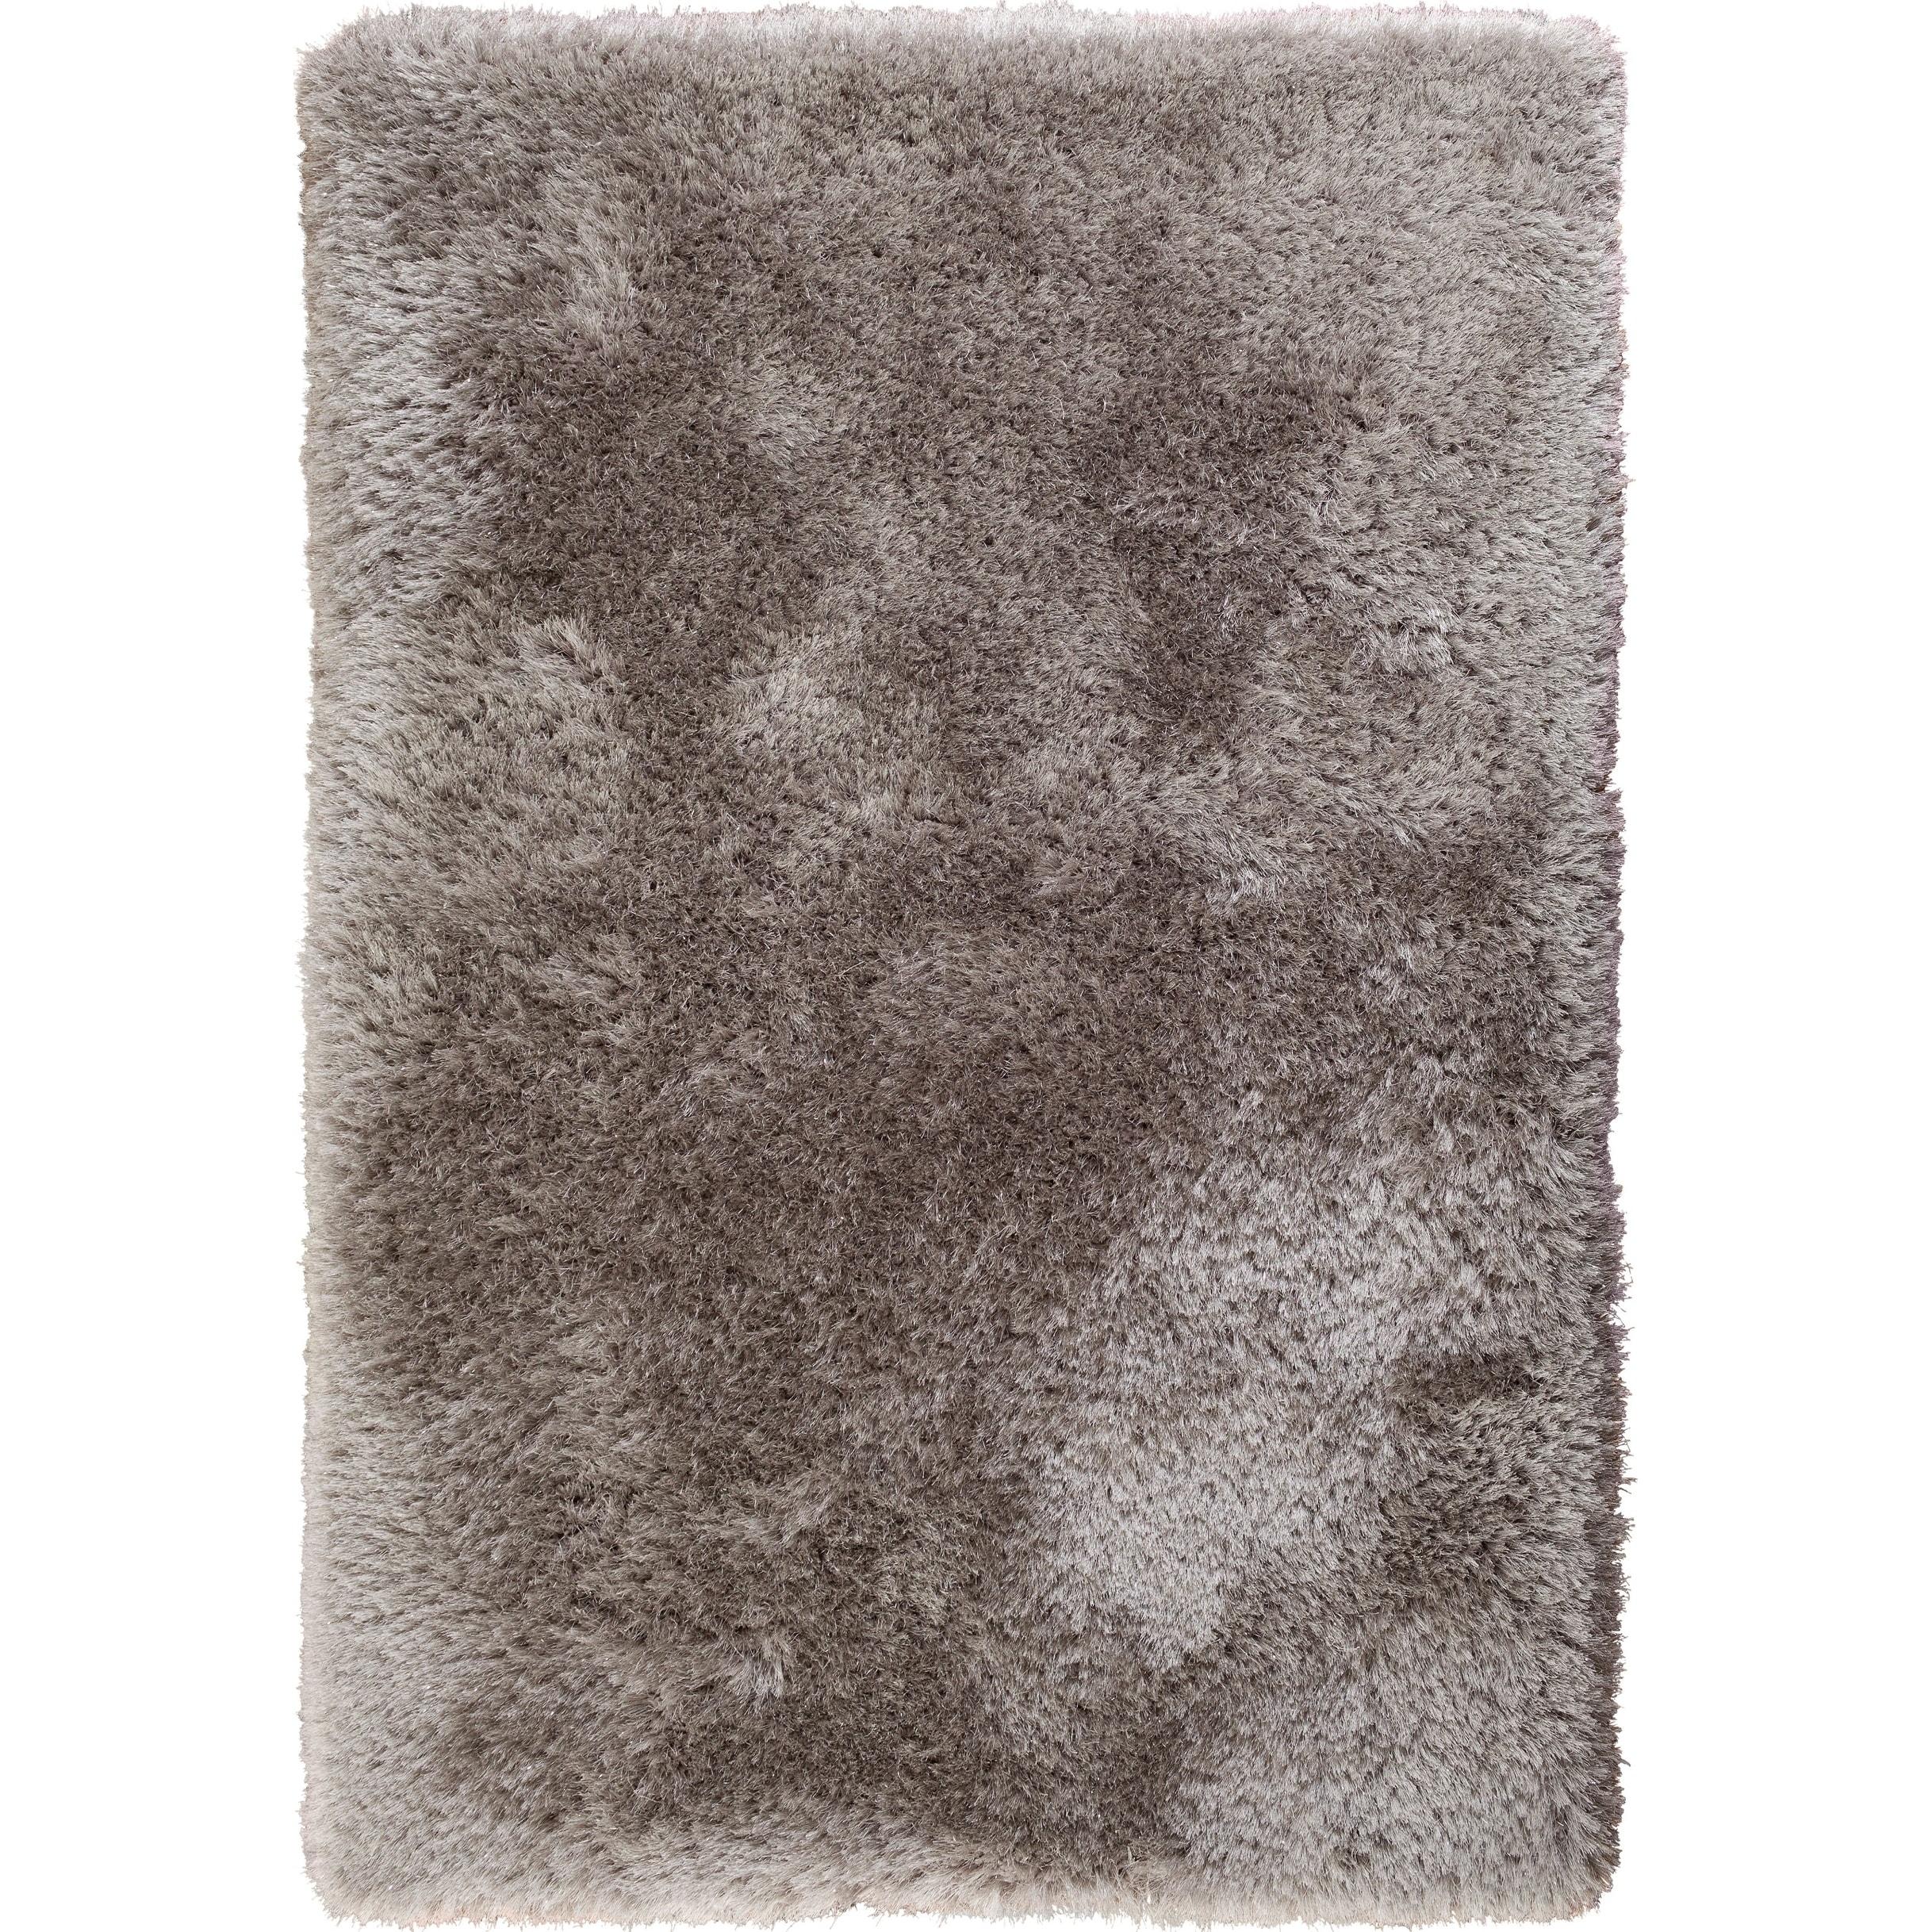 Illuminous Woven Area Rug On Sale Overstock 21612981 Off White 5 X 7 6